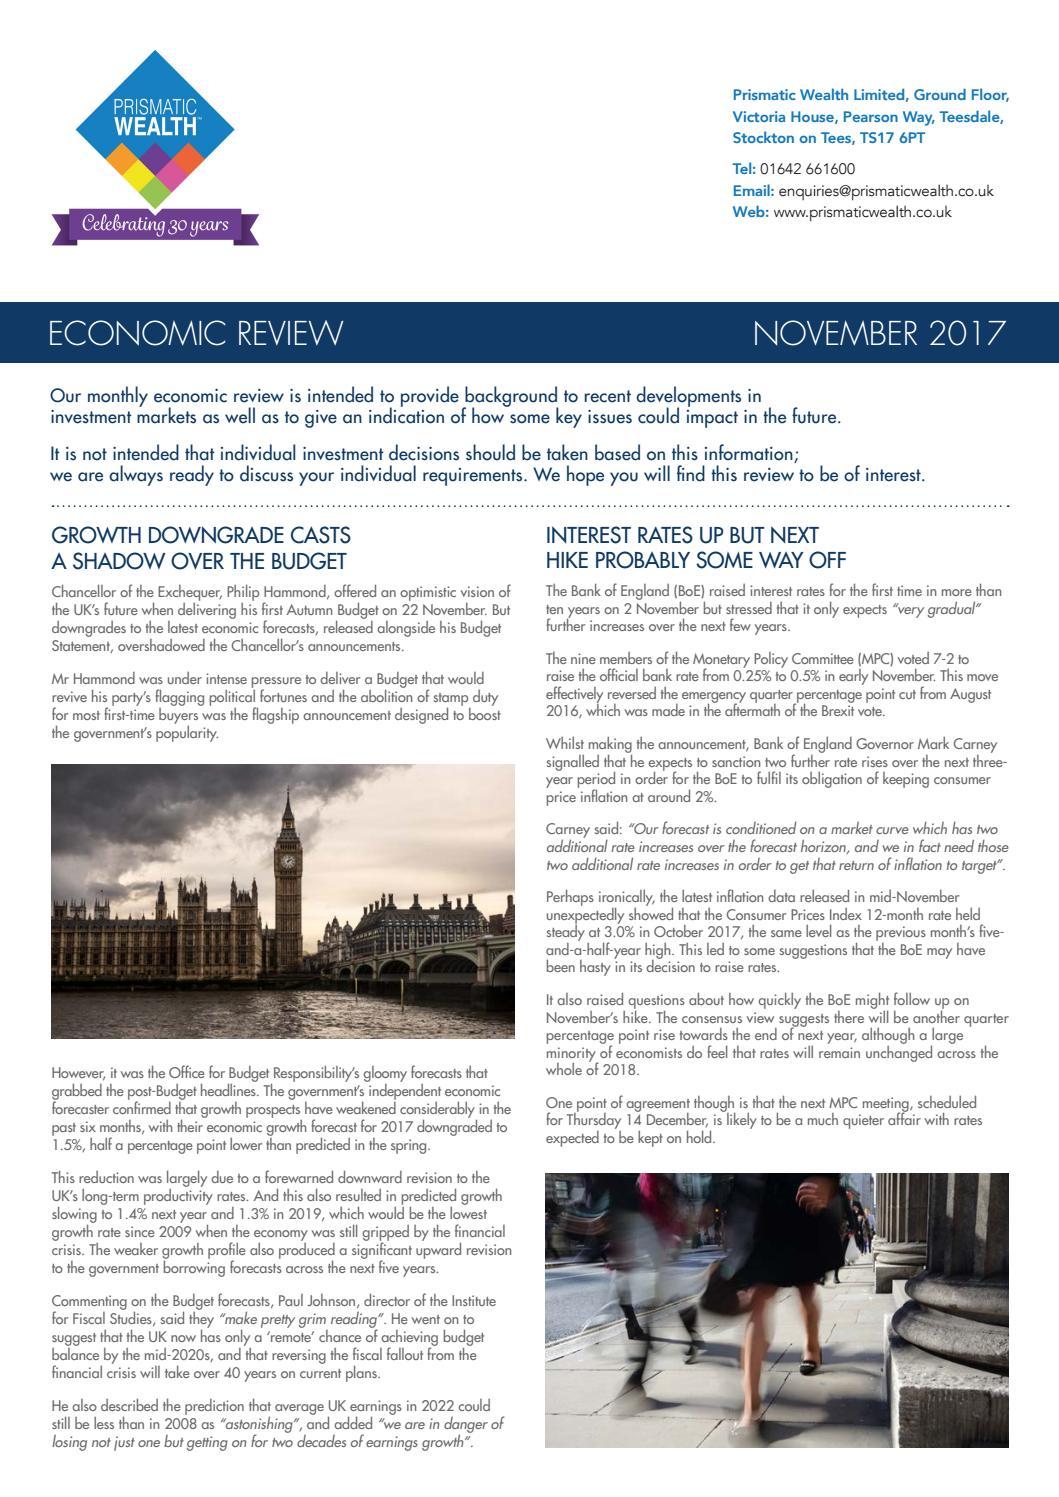 Prismatic Wealth Economic Review - Nov 17 by Prismatic